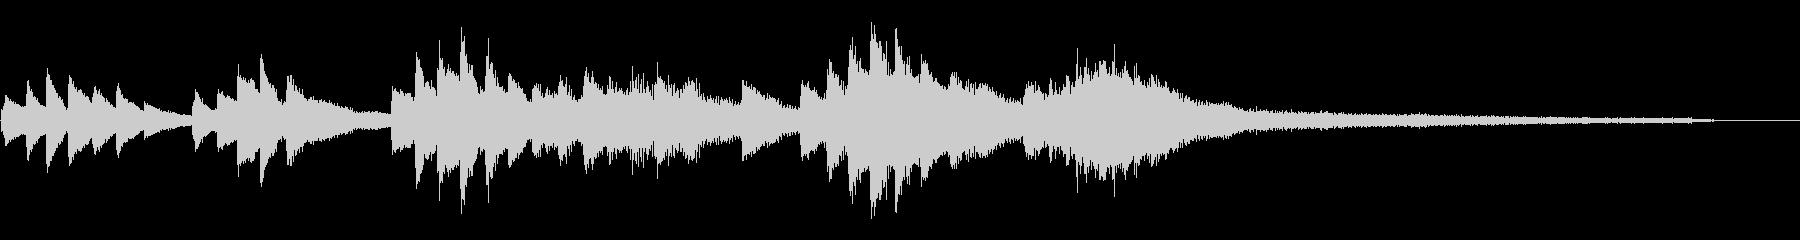 和風のジングル5-ピアノソロの未再生の波形